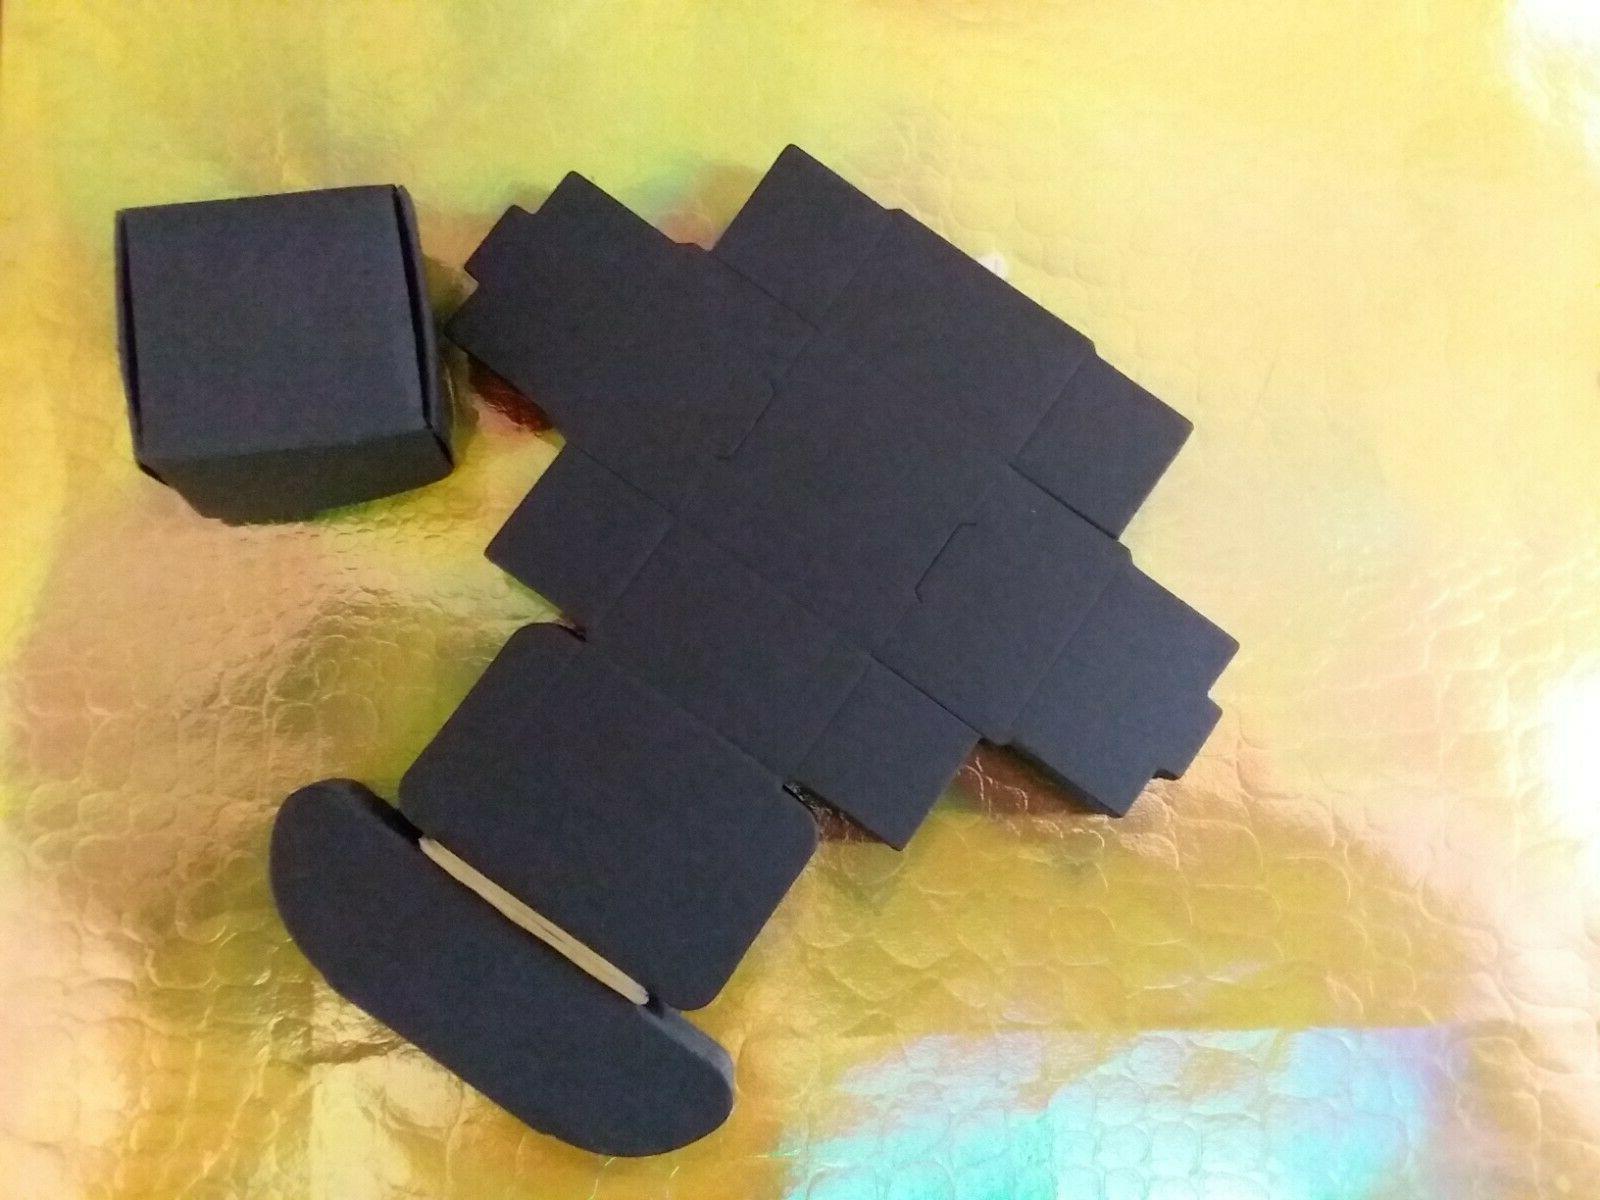 29pcs handmade soap mini crafts small cardboard